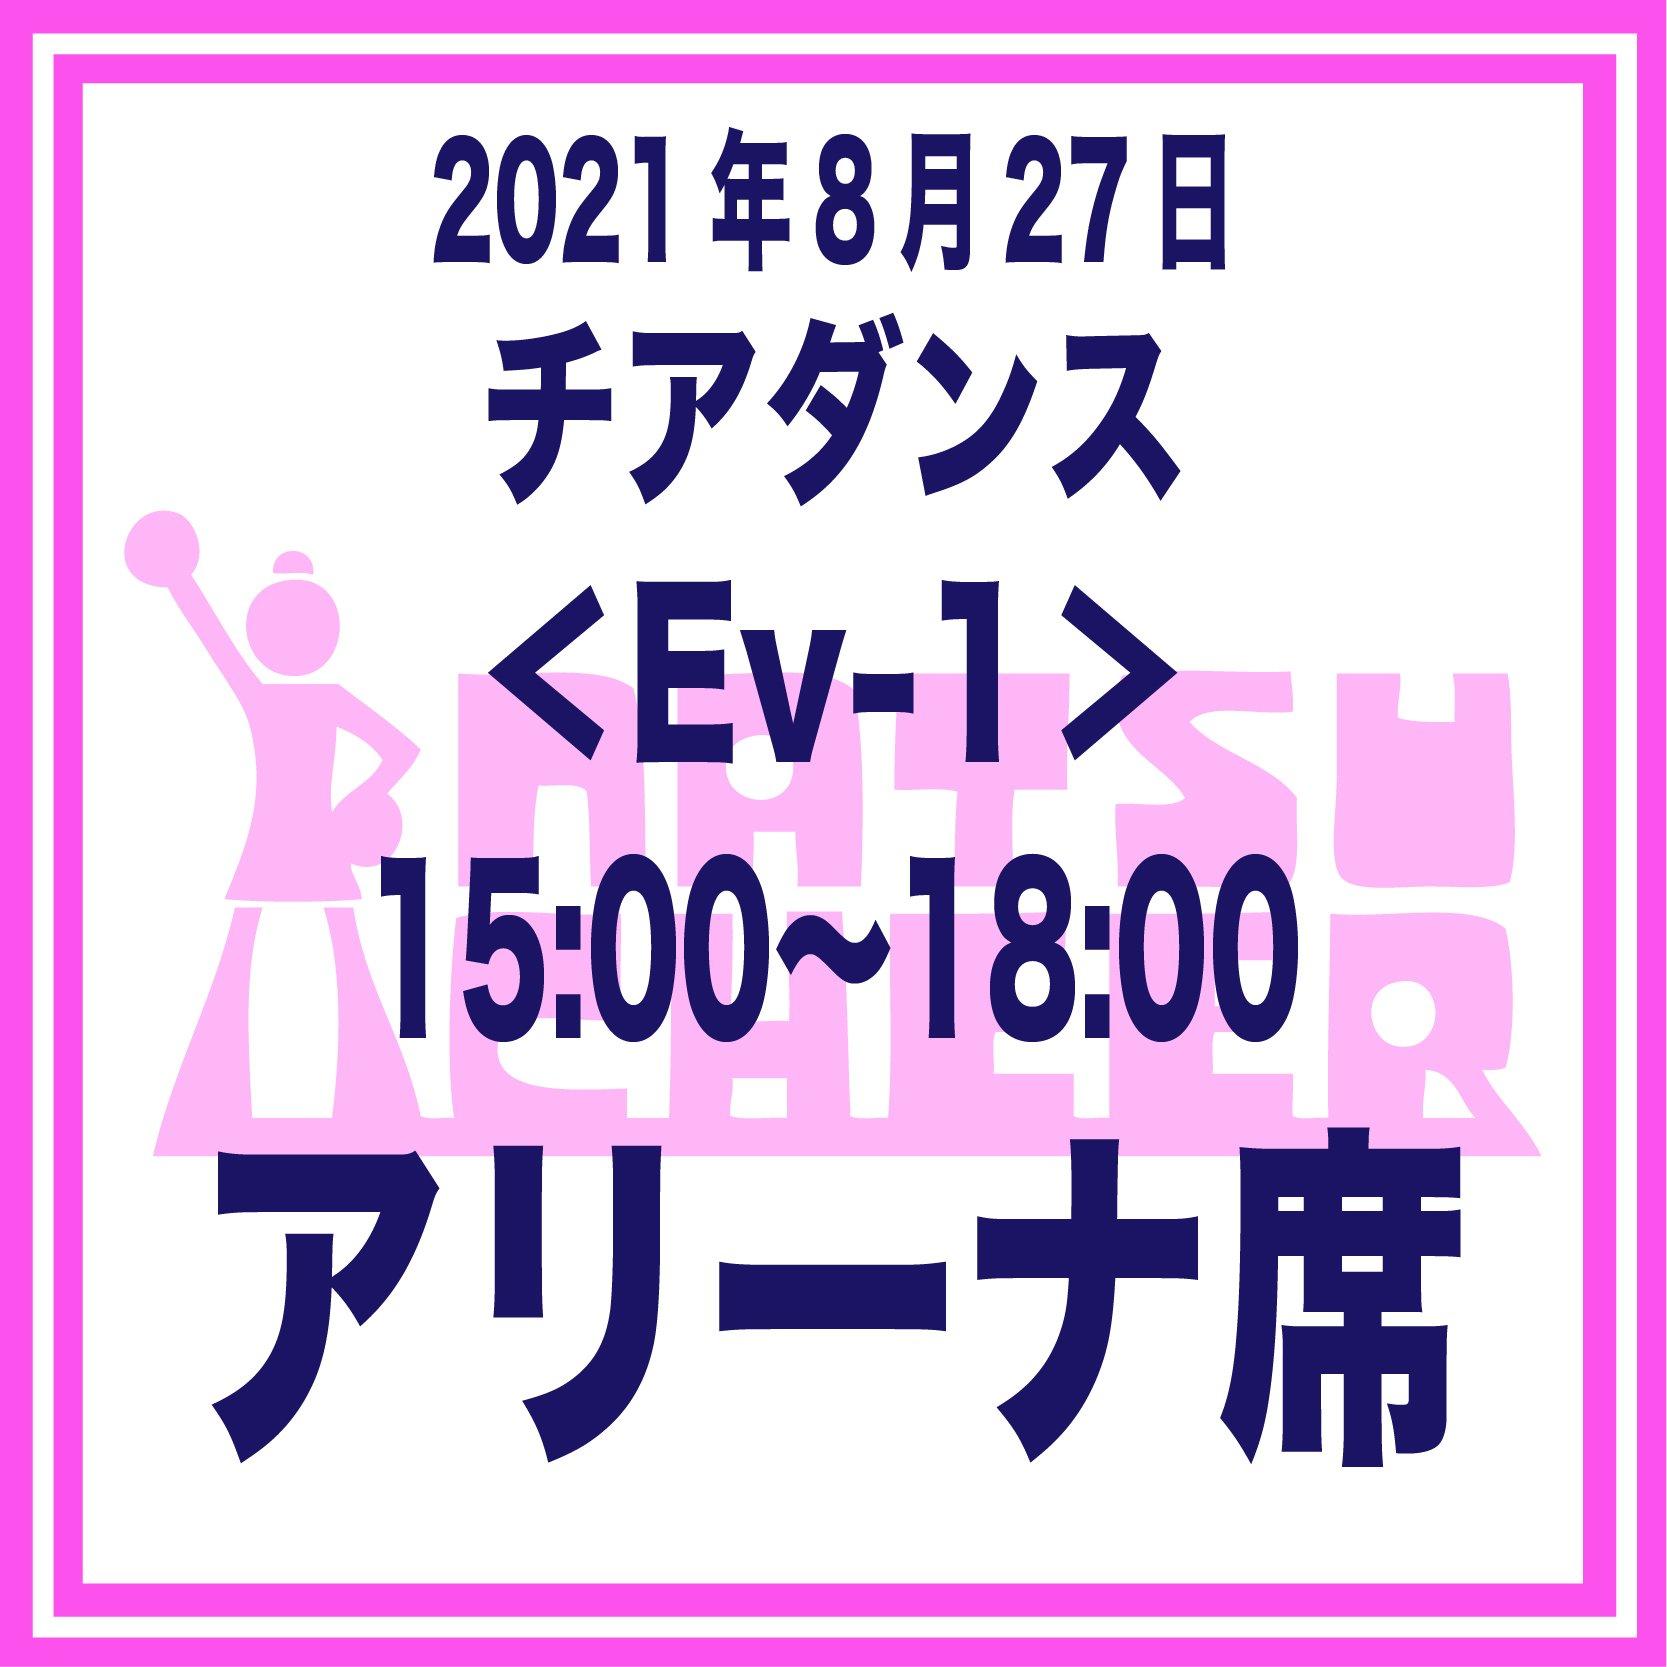 アリーナ席|チアダンス<Ev-1>8/27 15:00〜18:00のイメージその1